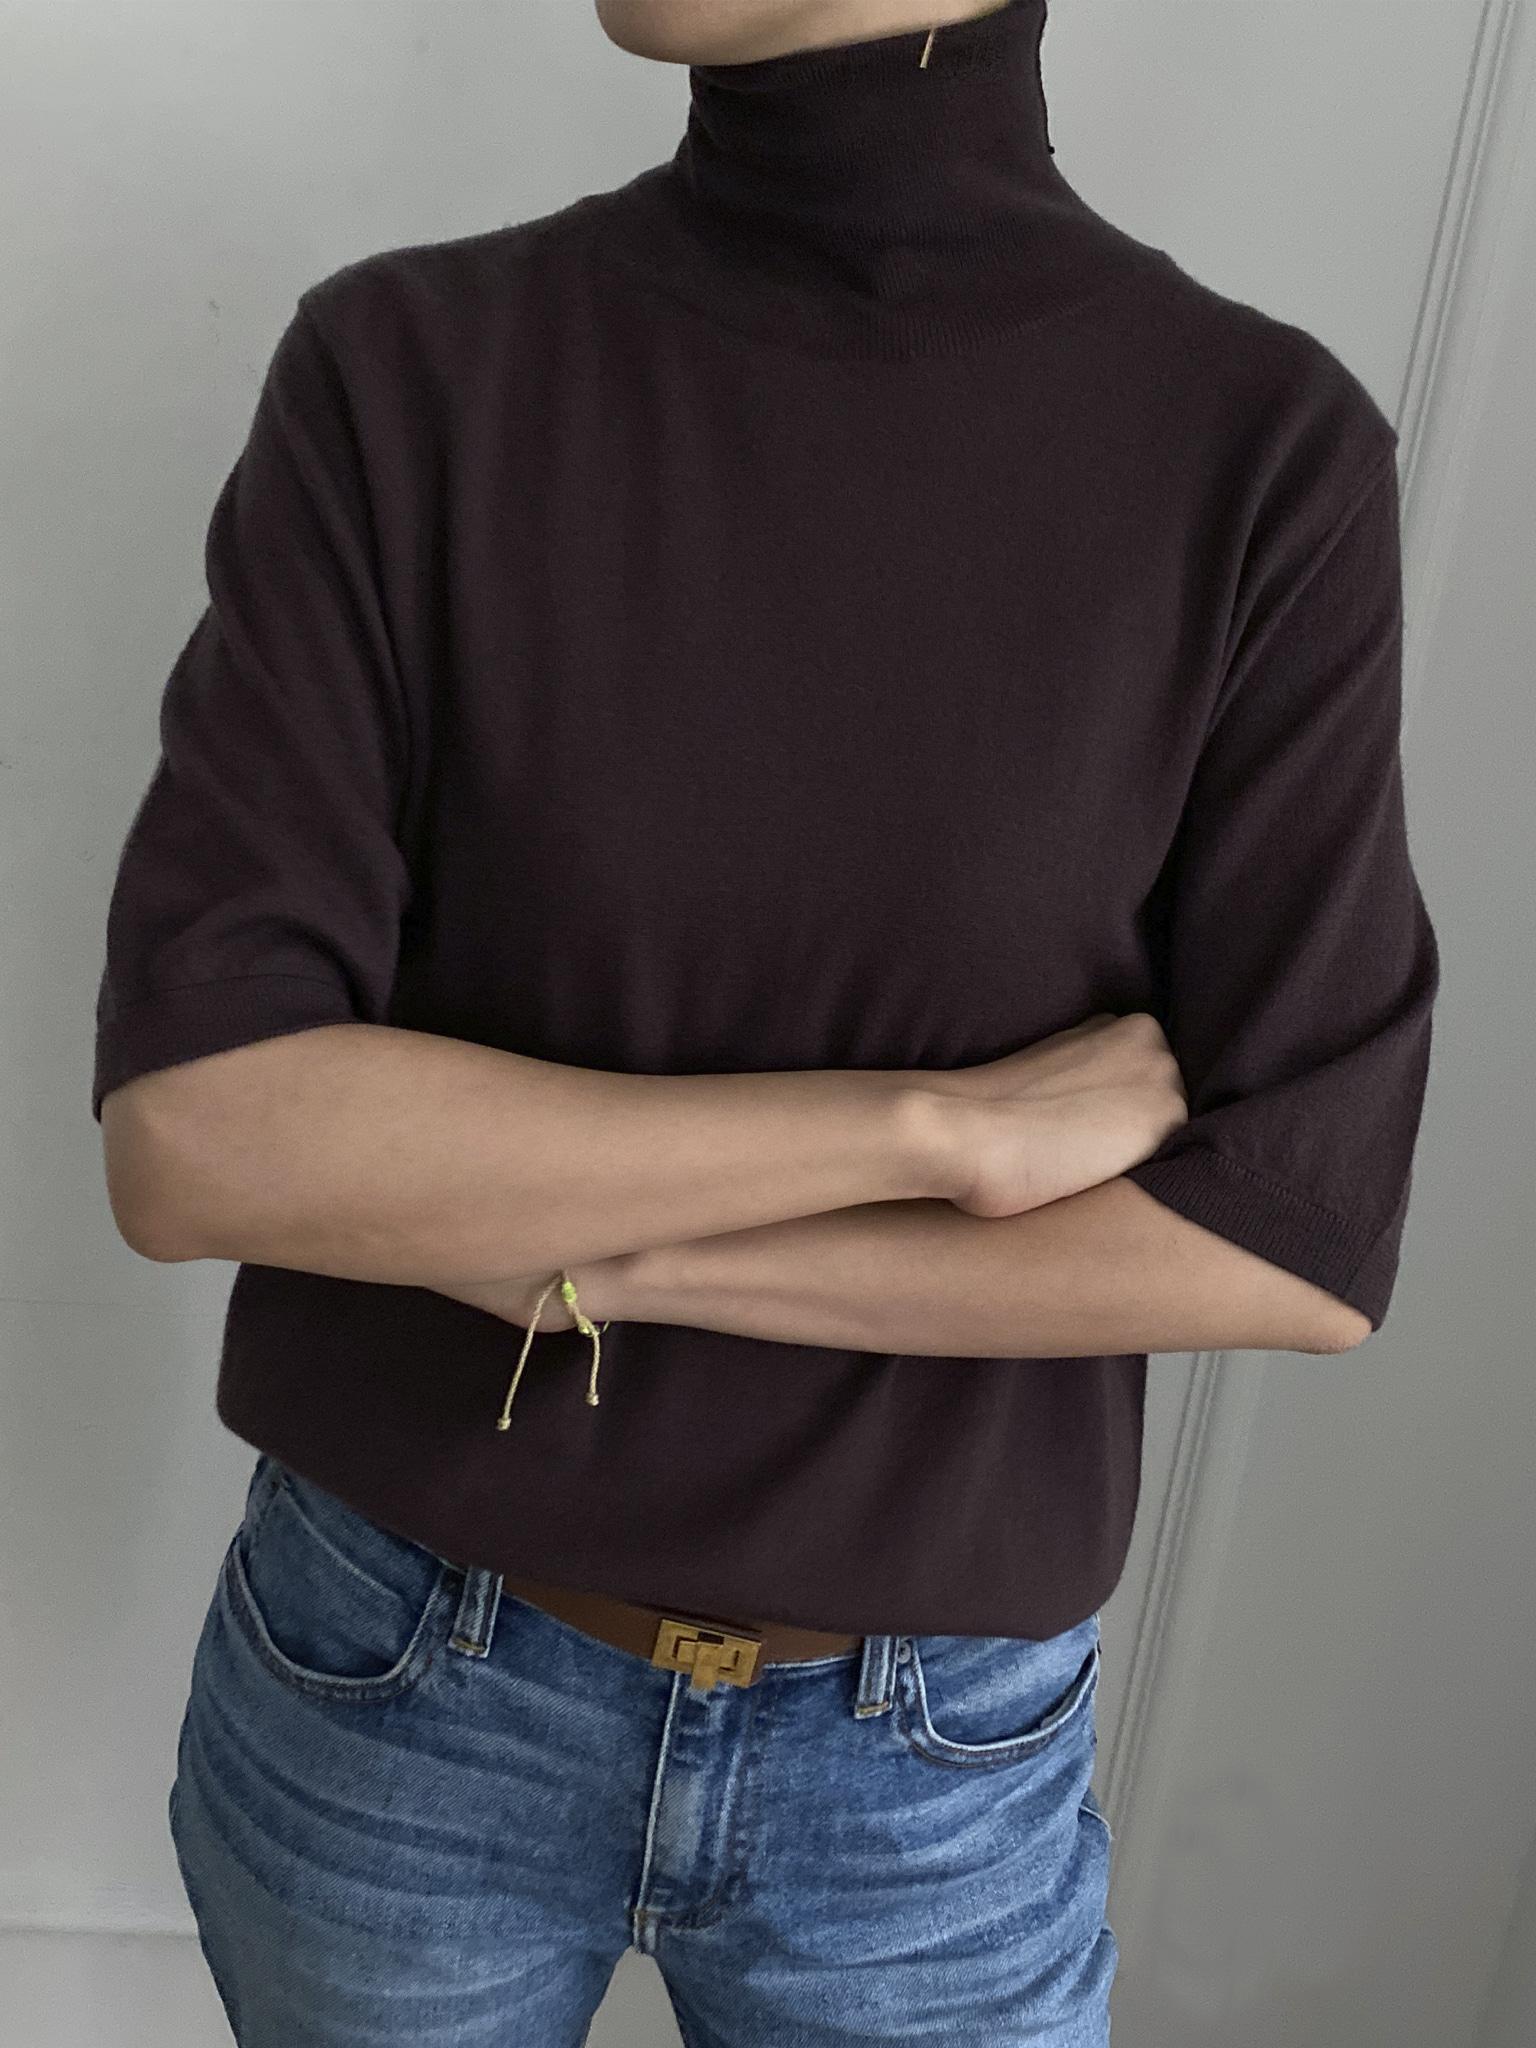 Loropiana Cashmere 100% Short Sleeve Turtle-neck Knit